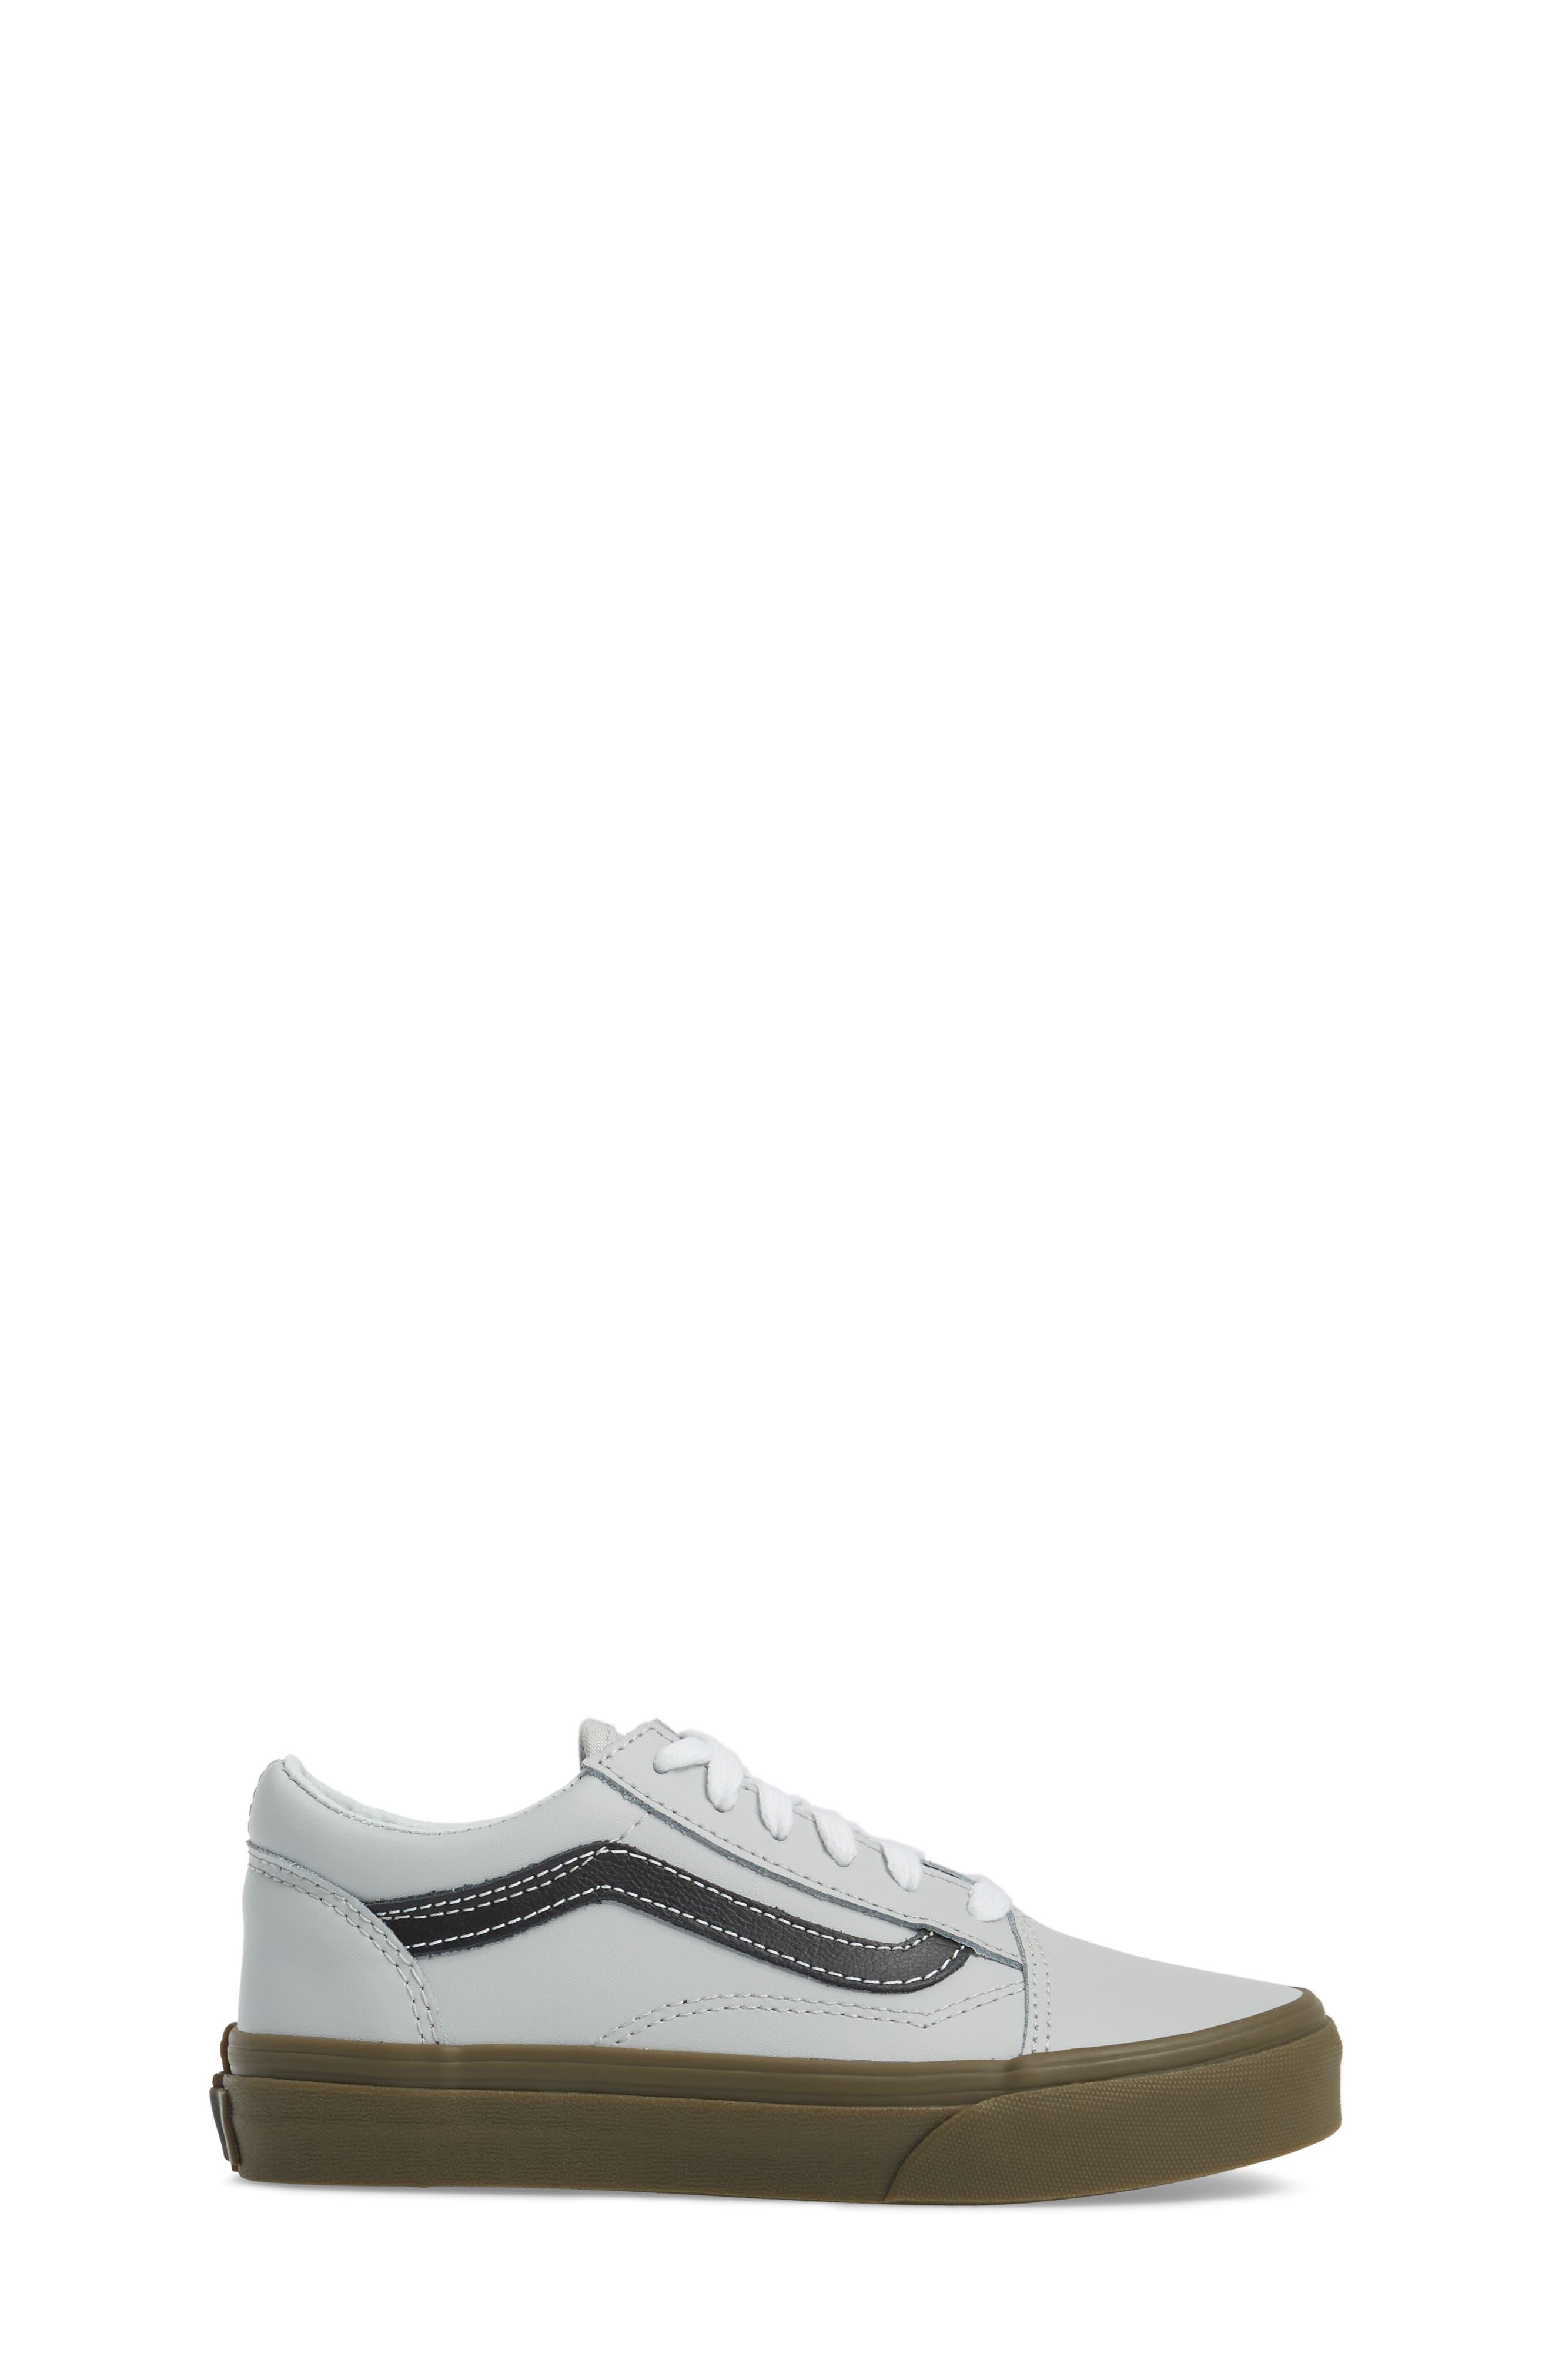 Old Skool Sneaker,                             Alternate thumbnail 3, color,                             Bleacher Gray/ Black/ Gum